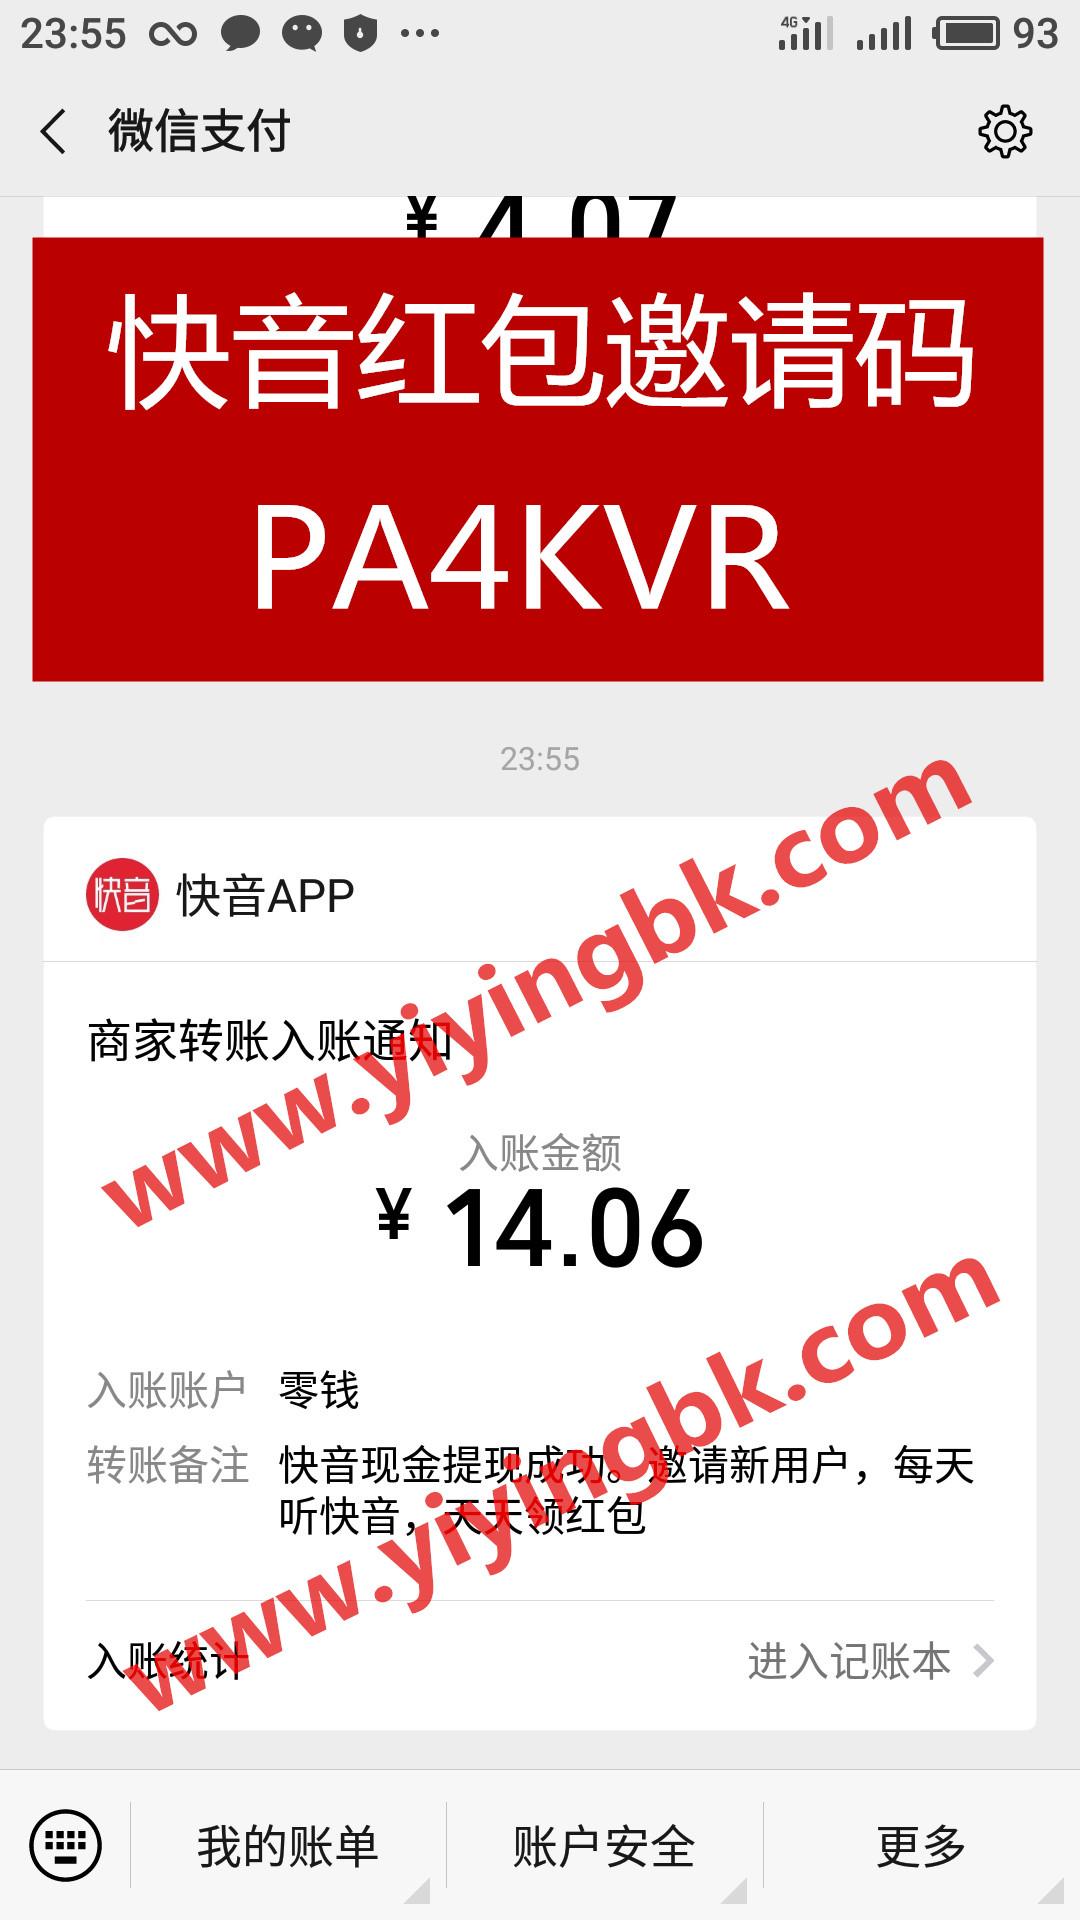 快音红包邀请码PA4KVR,免费听歌领红包赚零花钱,微信提现14.06元秒到账。www.yiyingbk.com